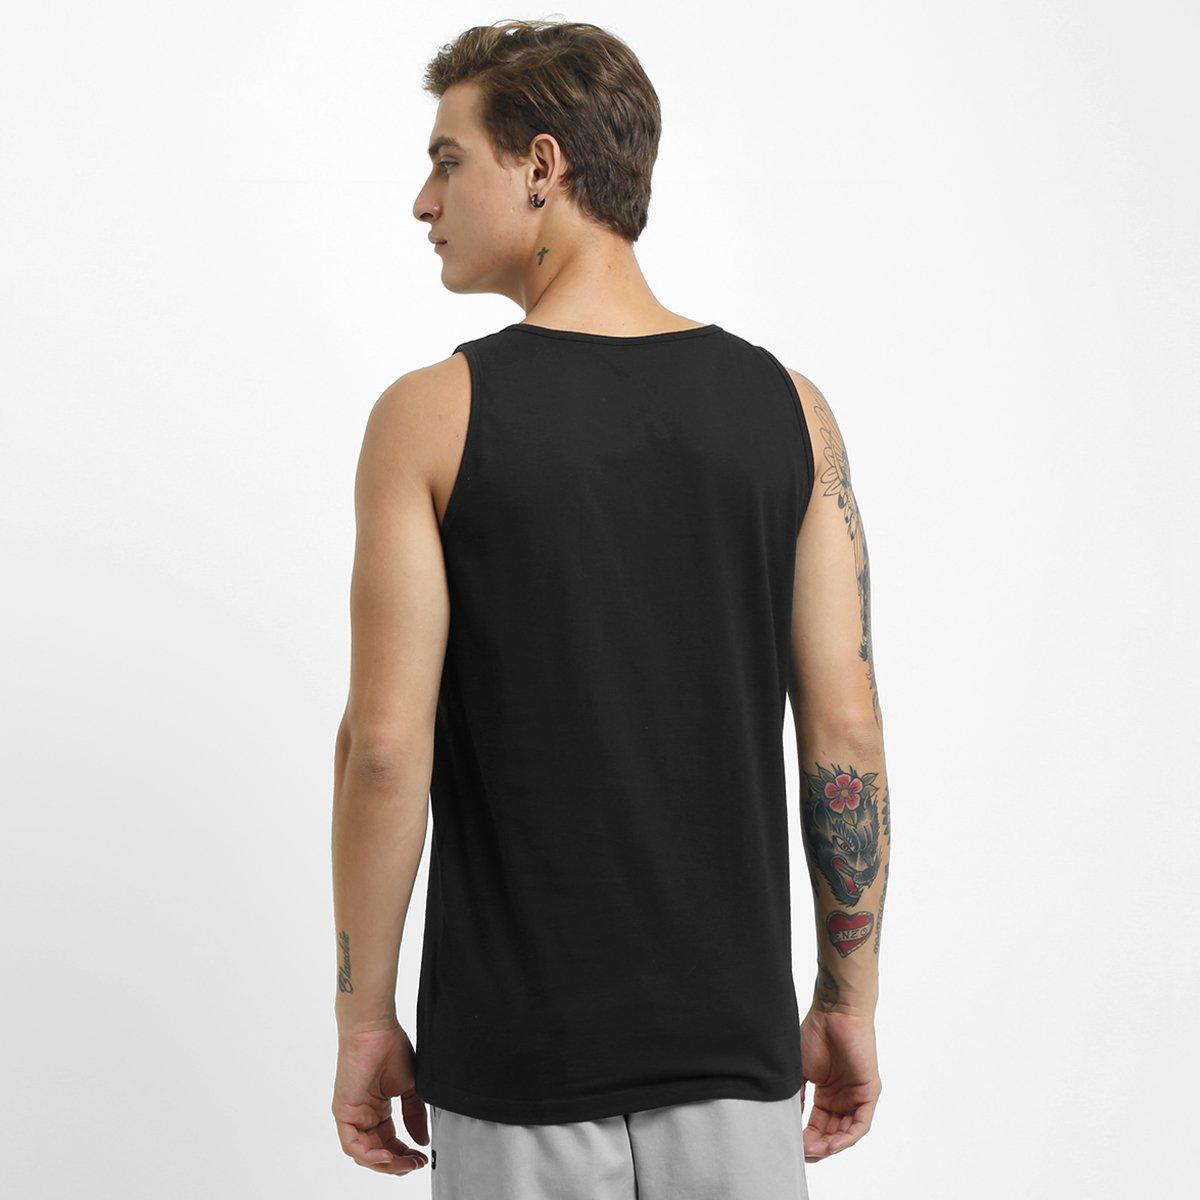 Camiseta Regata Oakley Mas Essential Square O - Compre Agora  493a4c45598